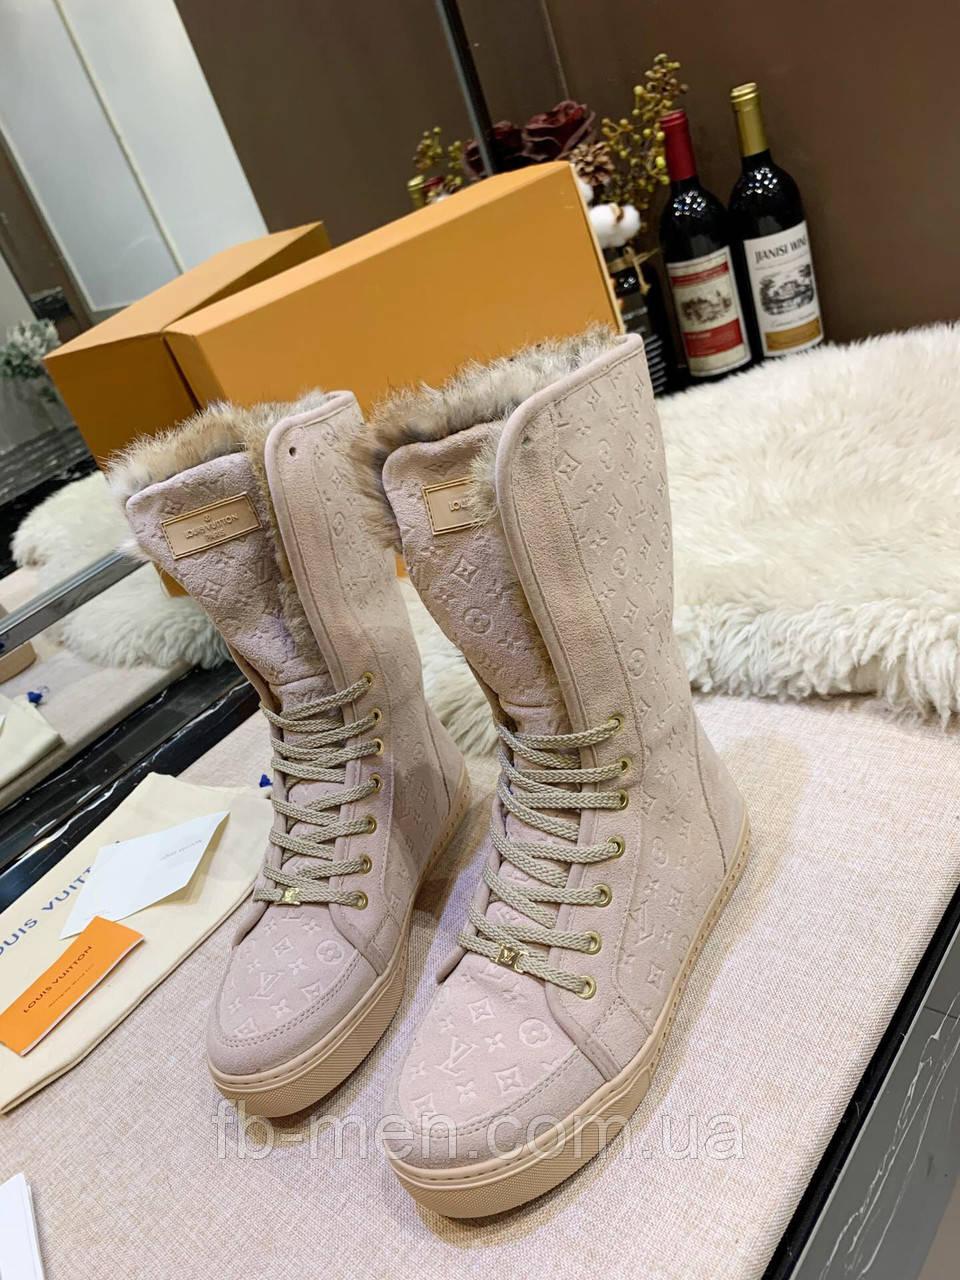 Ботинки Louis Vuitton Женские ботинки Луи Виттон бежевого цвета замшевые высокие